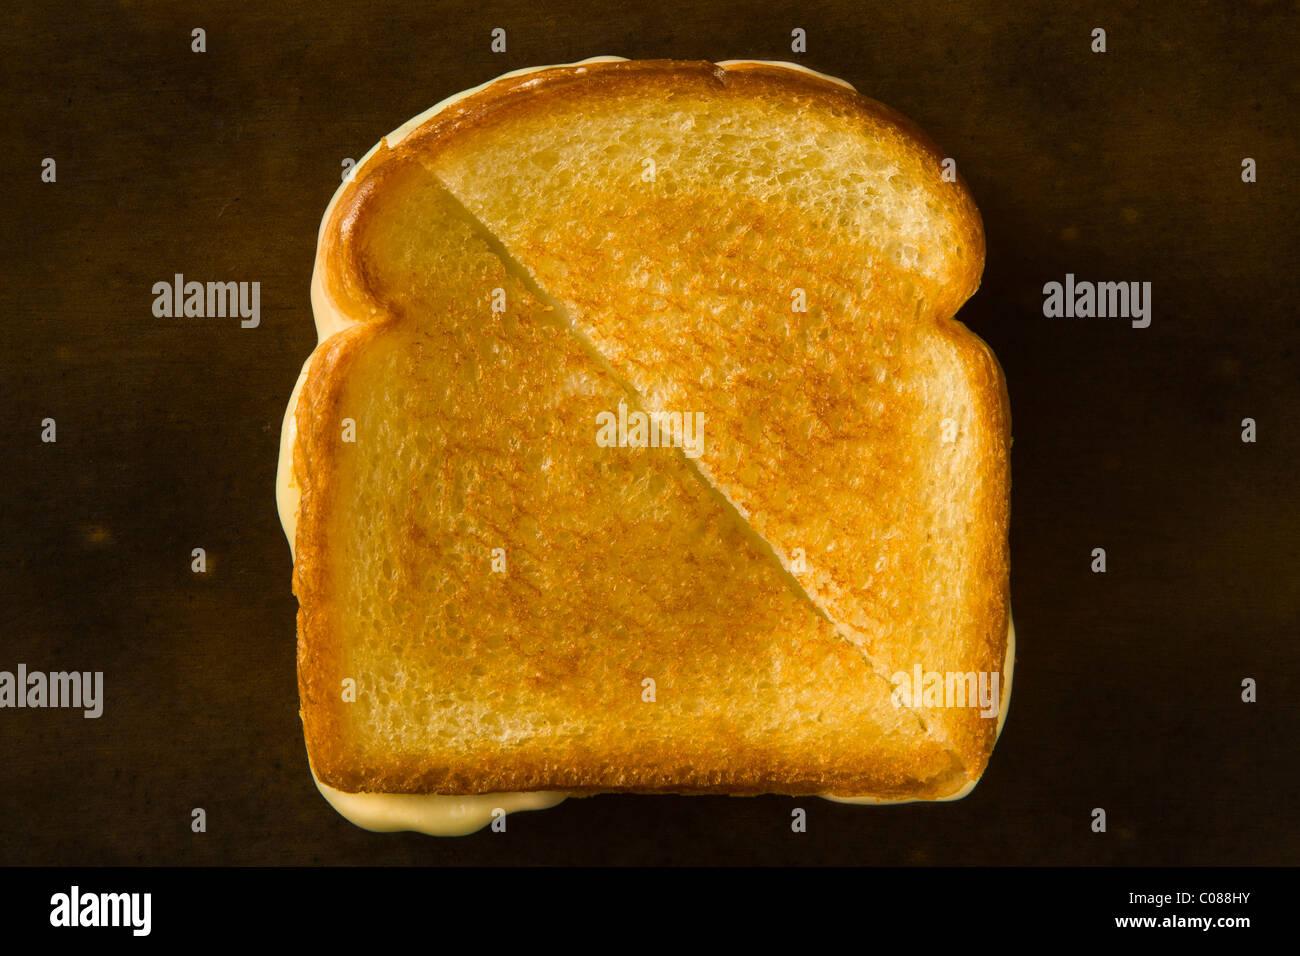 Un sandwich au fromage coupé en deux en diagonale en tirant le fromage sur une table en bois Photo Stock